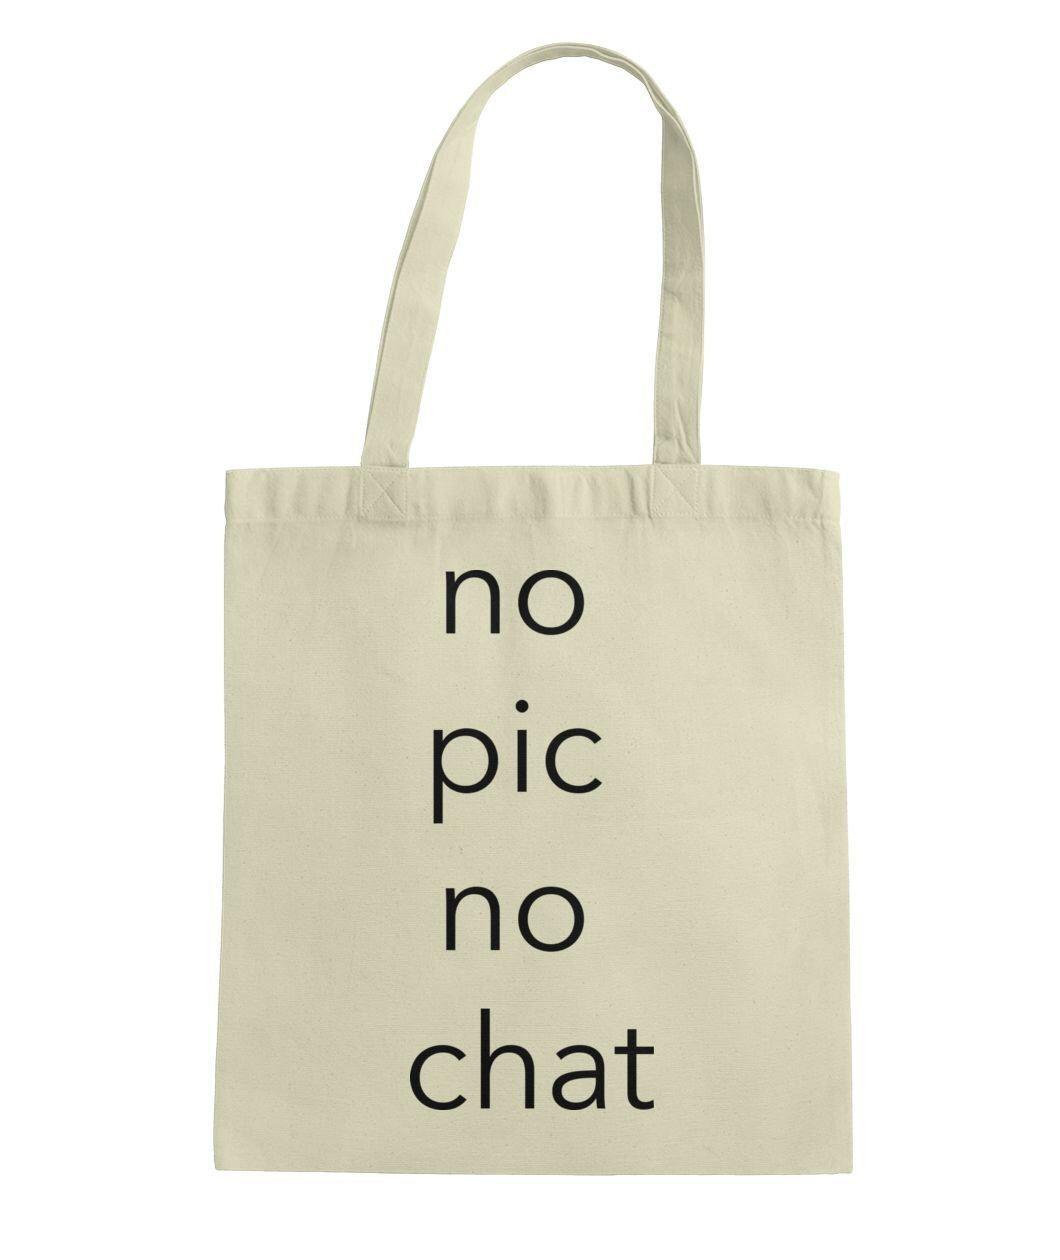 4daa74996b61 No pic no chat tote tote bag. Shop totes at vivodclothing.com   vivodclothing  gay  lgbt